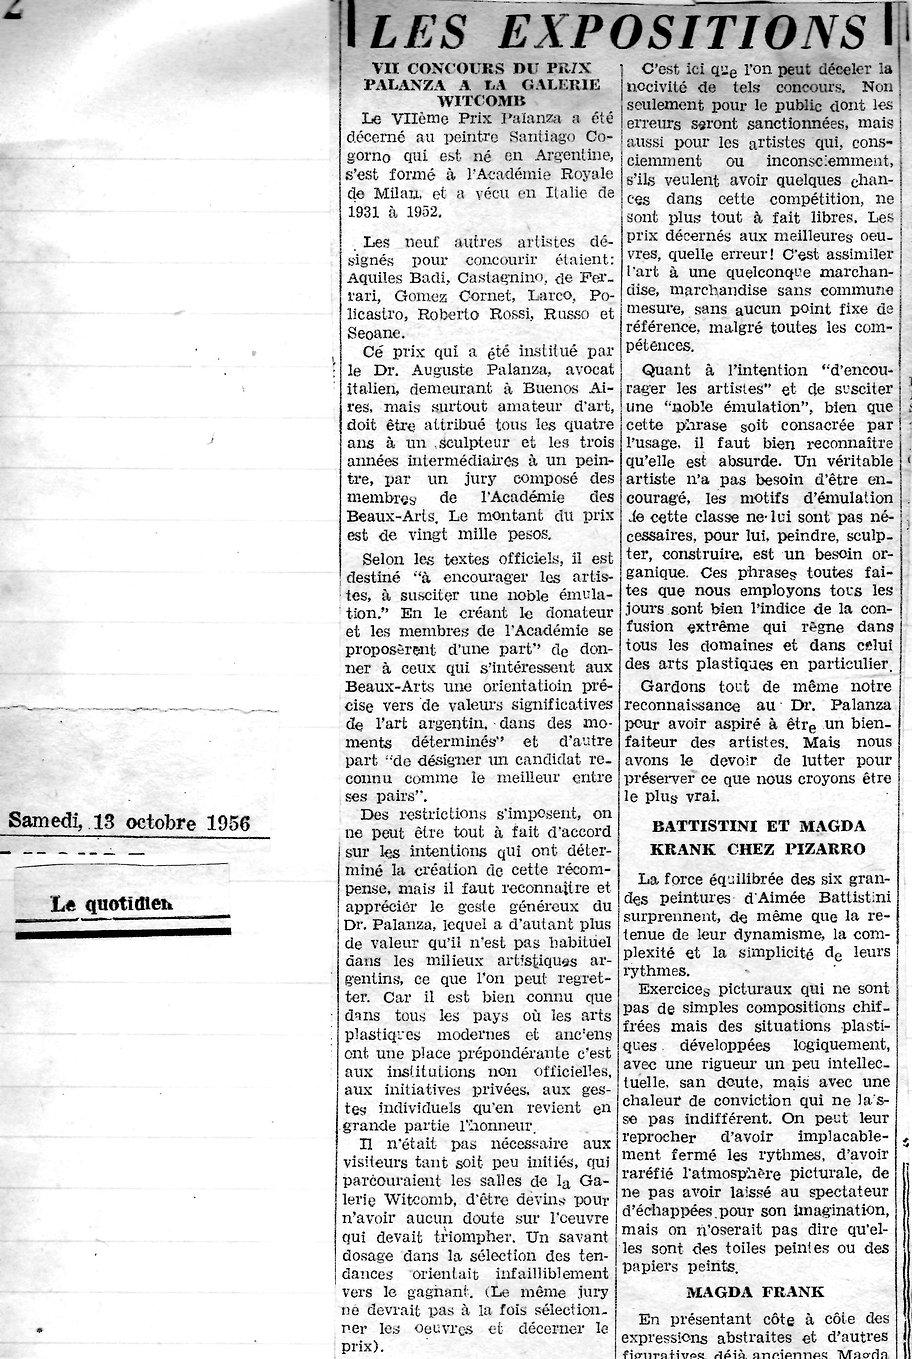 Le_Quotidien_-_VII_concours_du_Prix_Pala